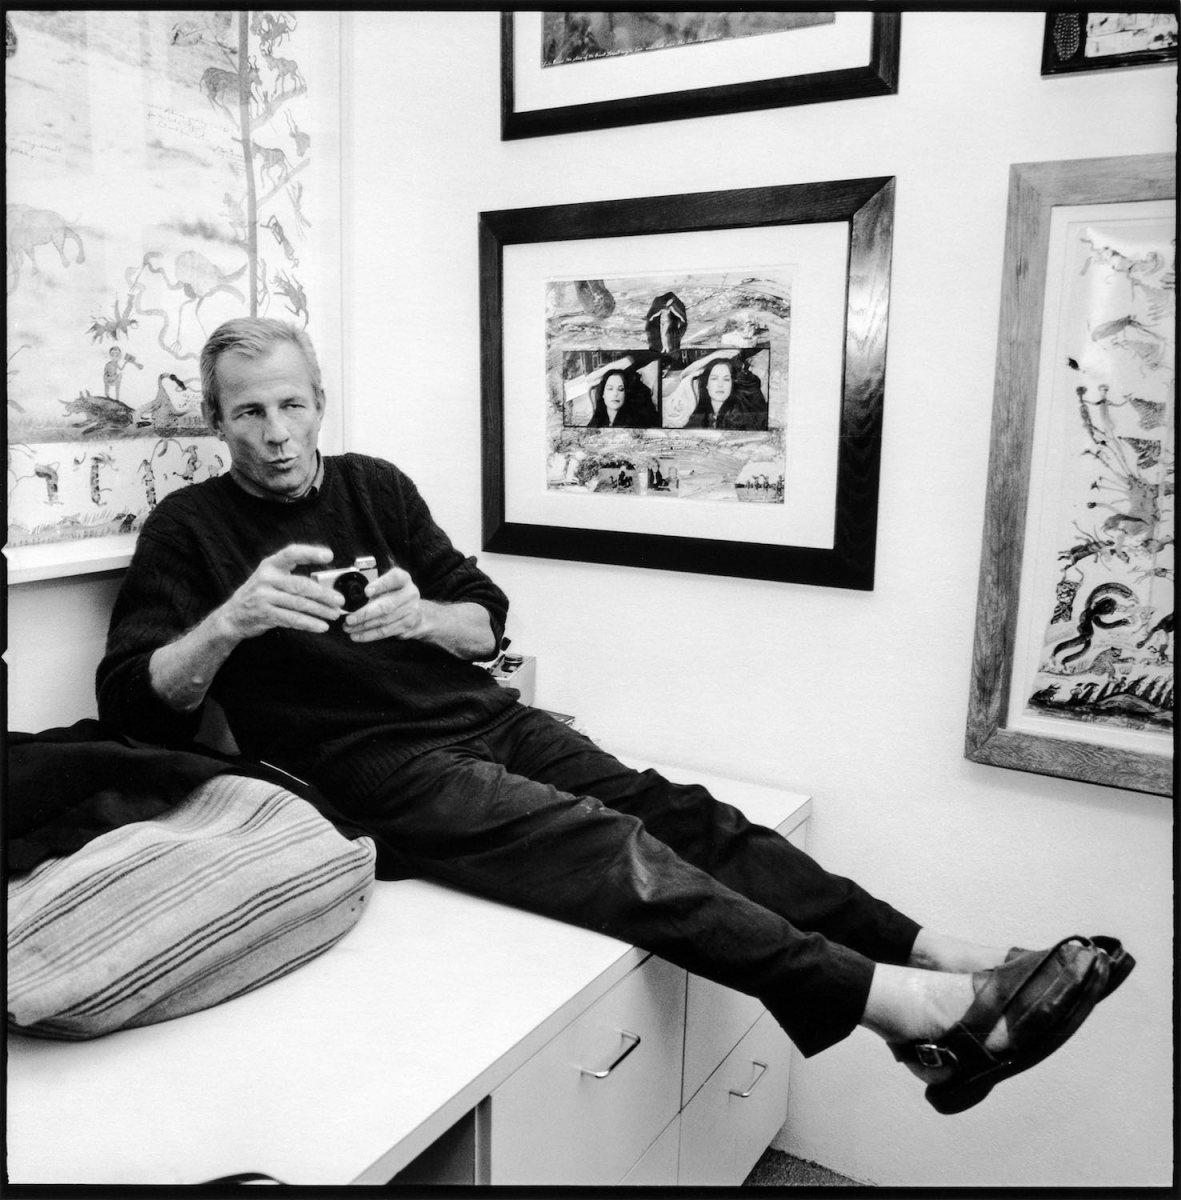 Peter Beard, Los Angeles 1990